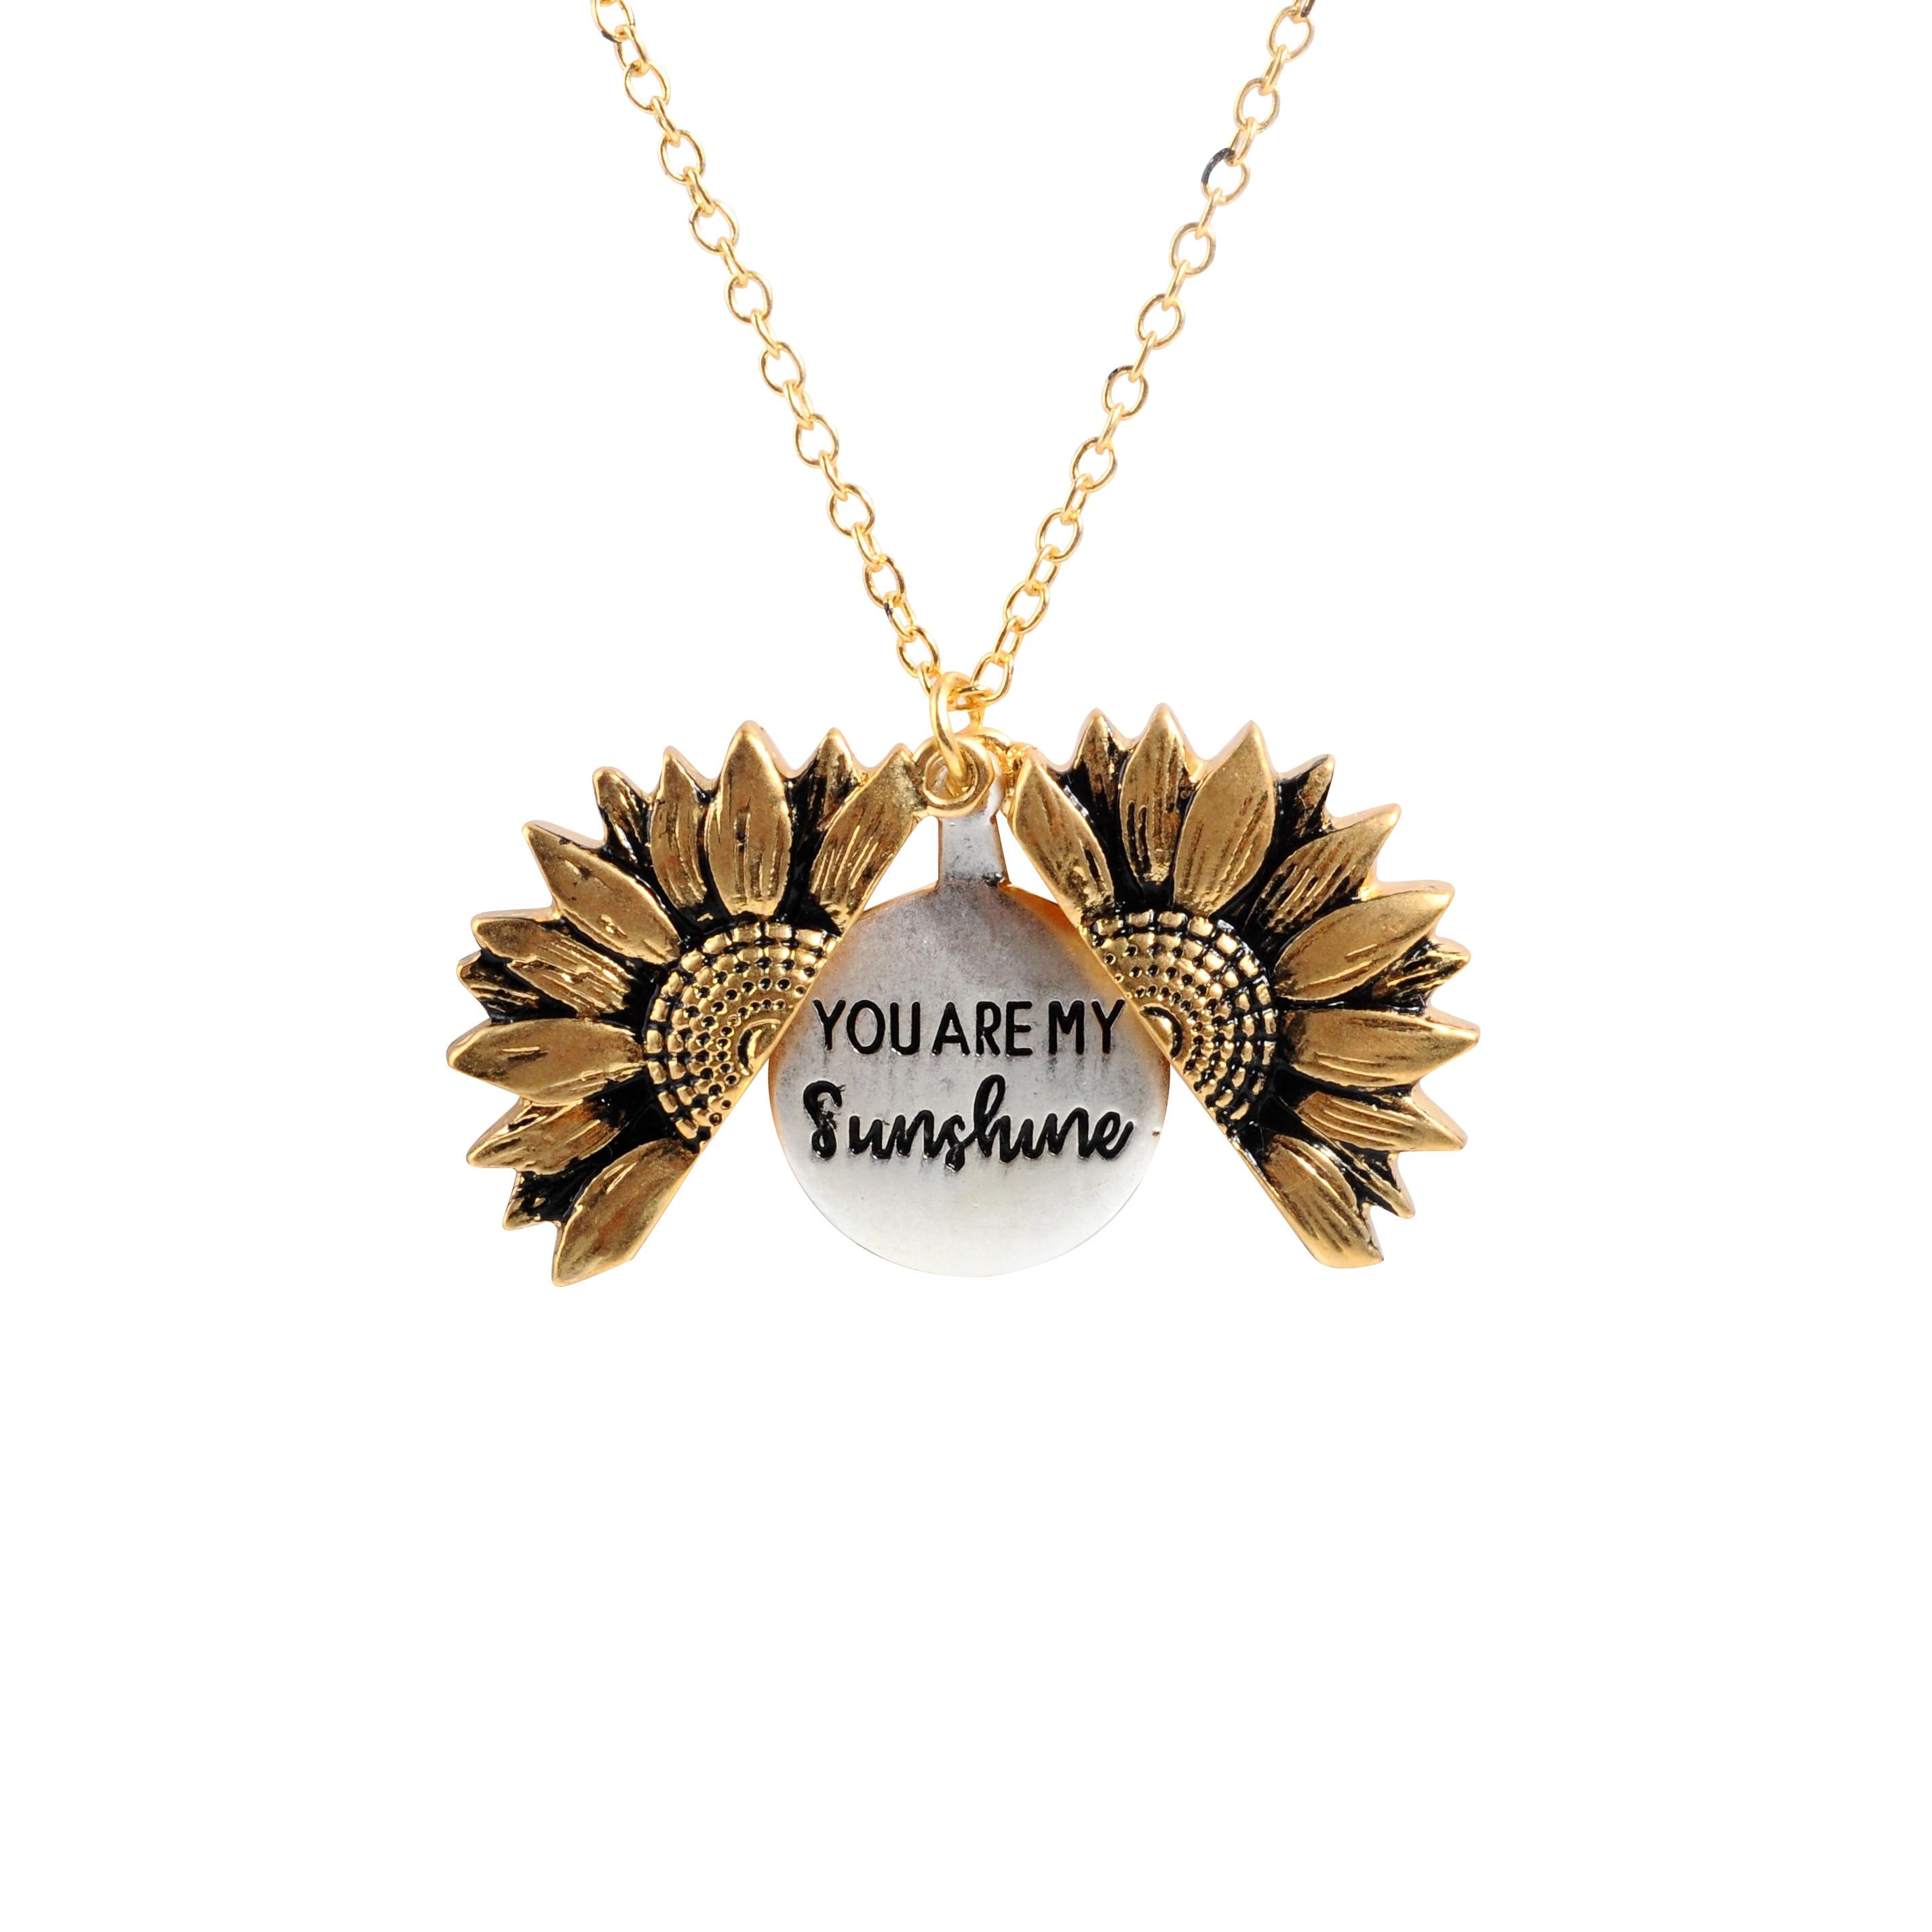 Модное богемное Двухслойное металлическое ожерелье с подвеской в виде подсолнуха для женщин, круглое открытое длинное ожерелье-цепочка ве...